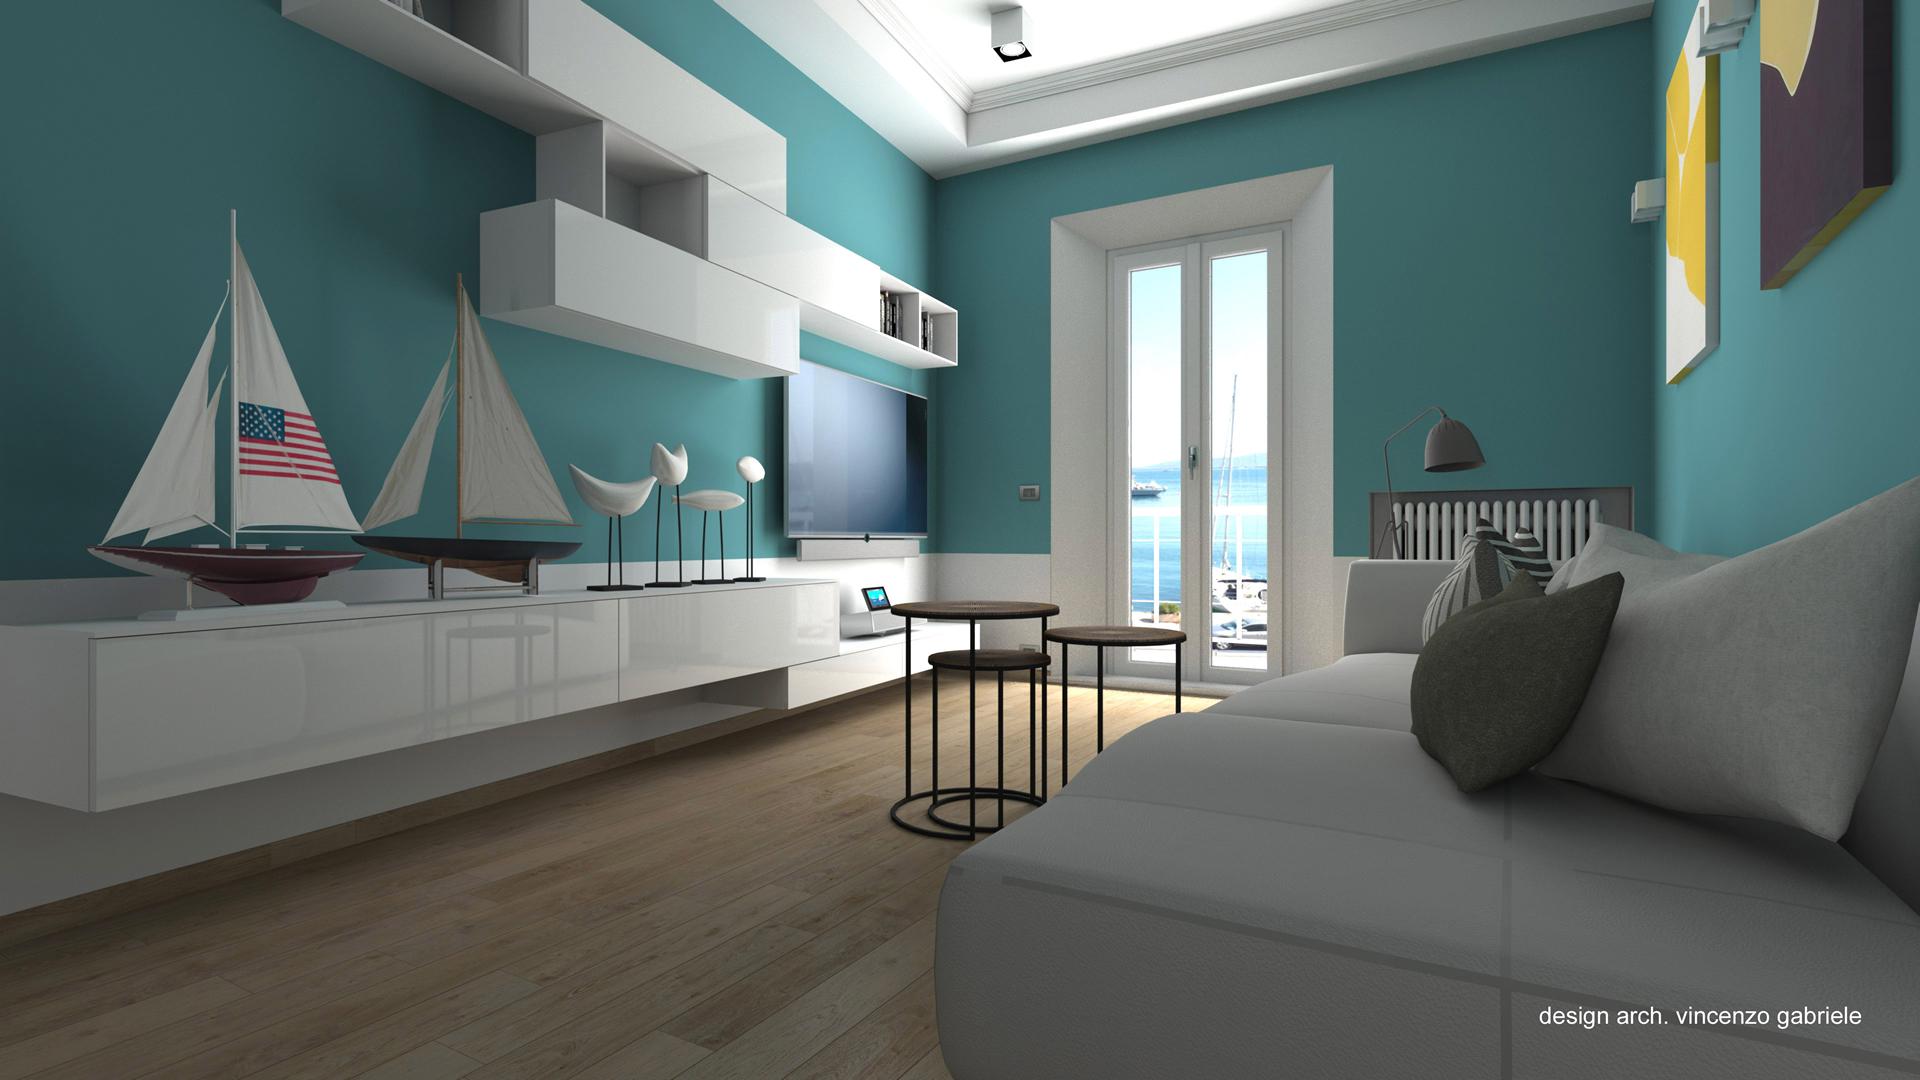 Progettazione di interni for Progettazione di interni gratis